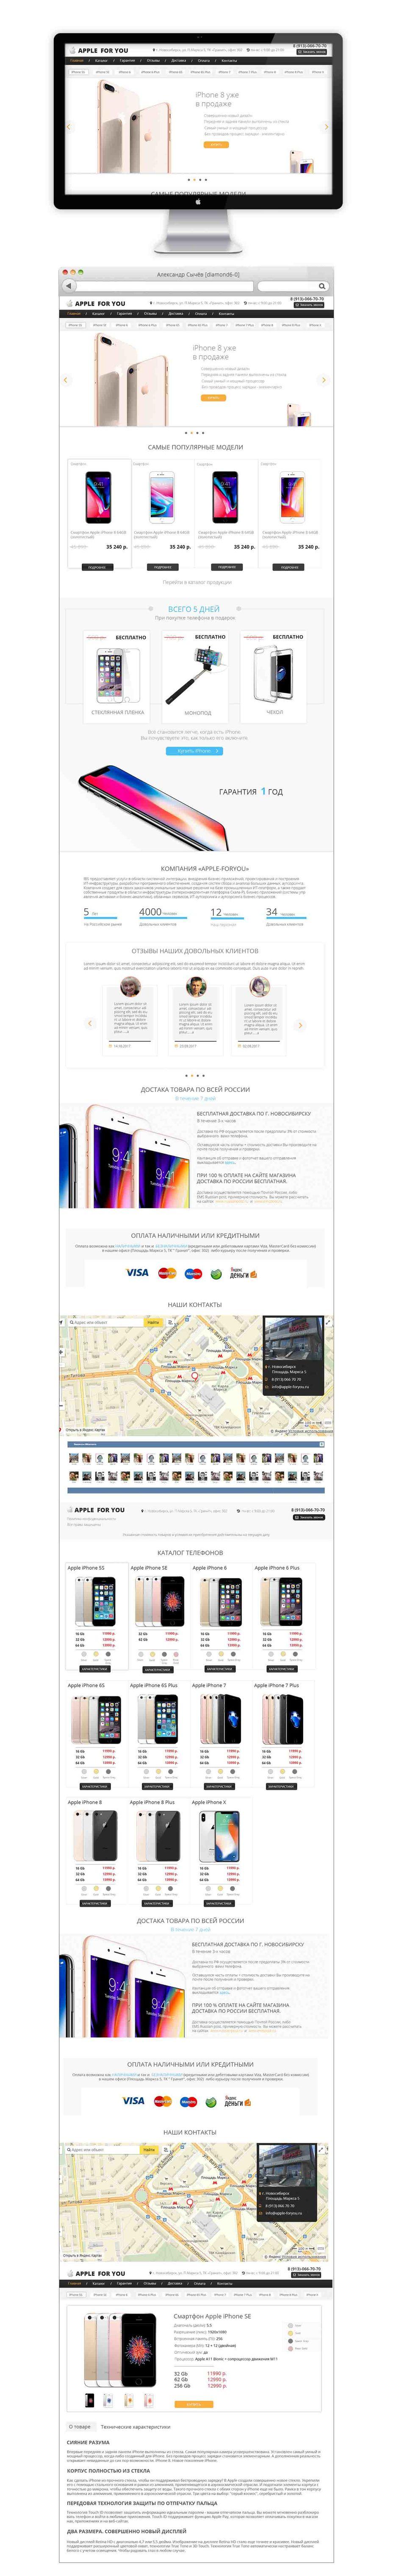 Дизайн сайта по продаже айфонов